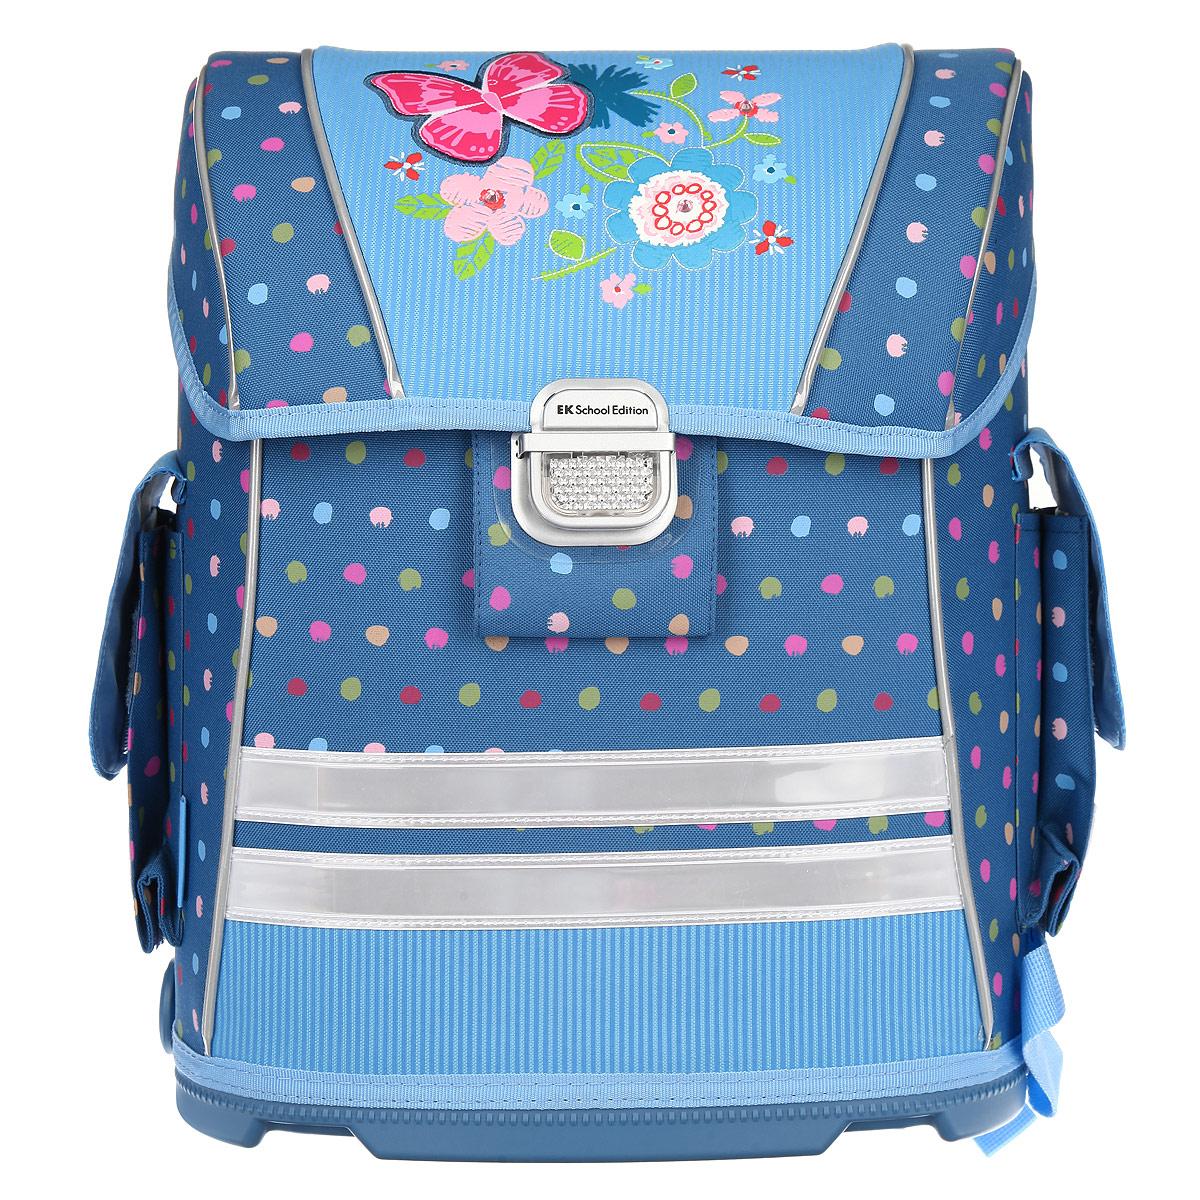 Ранец школьный Erich Krause  Romance , модель Ergo, цвет: голубой, синий. 37125 -  Ранцы и рюкзаки